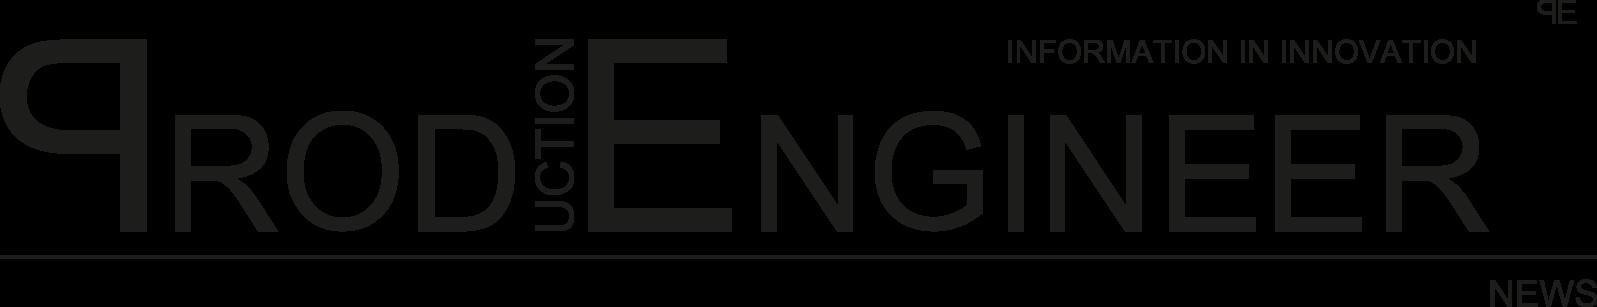 ProdEngineer Média Mérnöki Szaklapkiadó